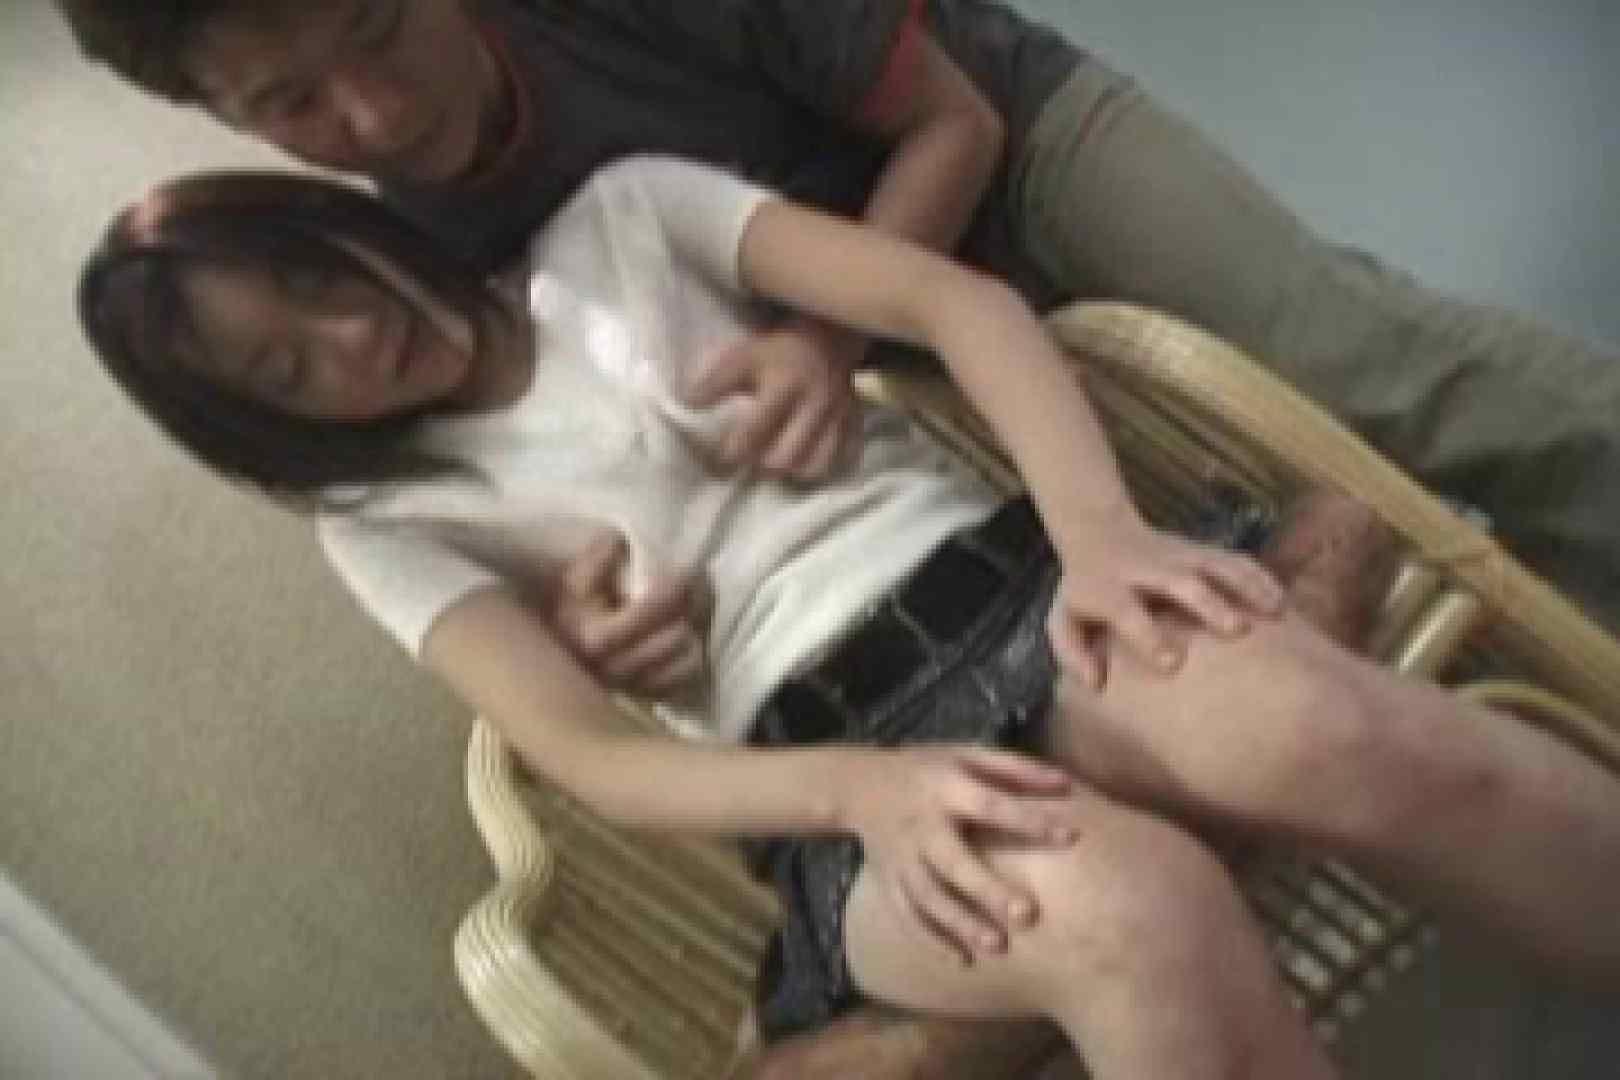 素人嬢126人のハメ撮り 小松奈緒 メーカー直接買い取り  15連発 3